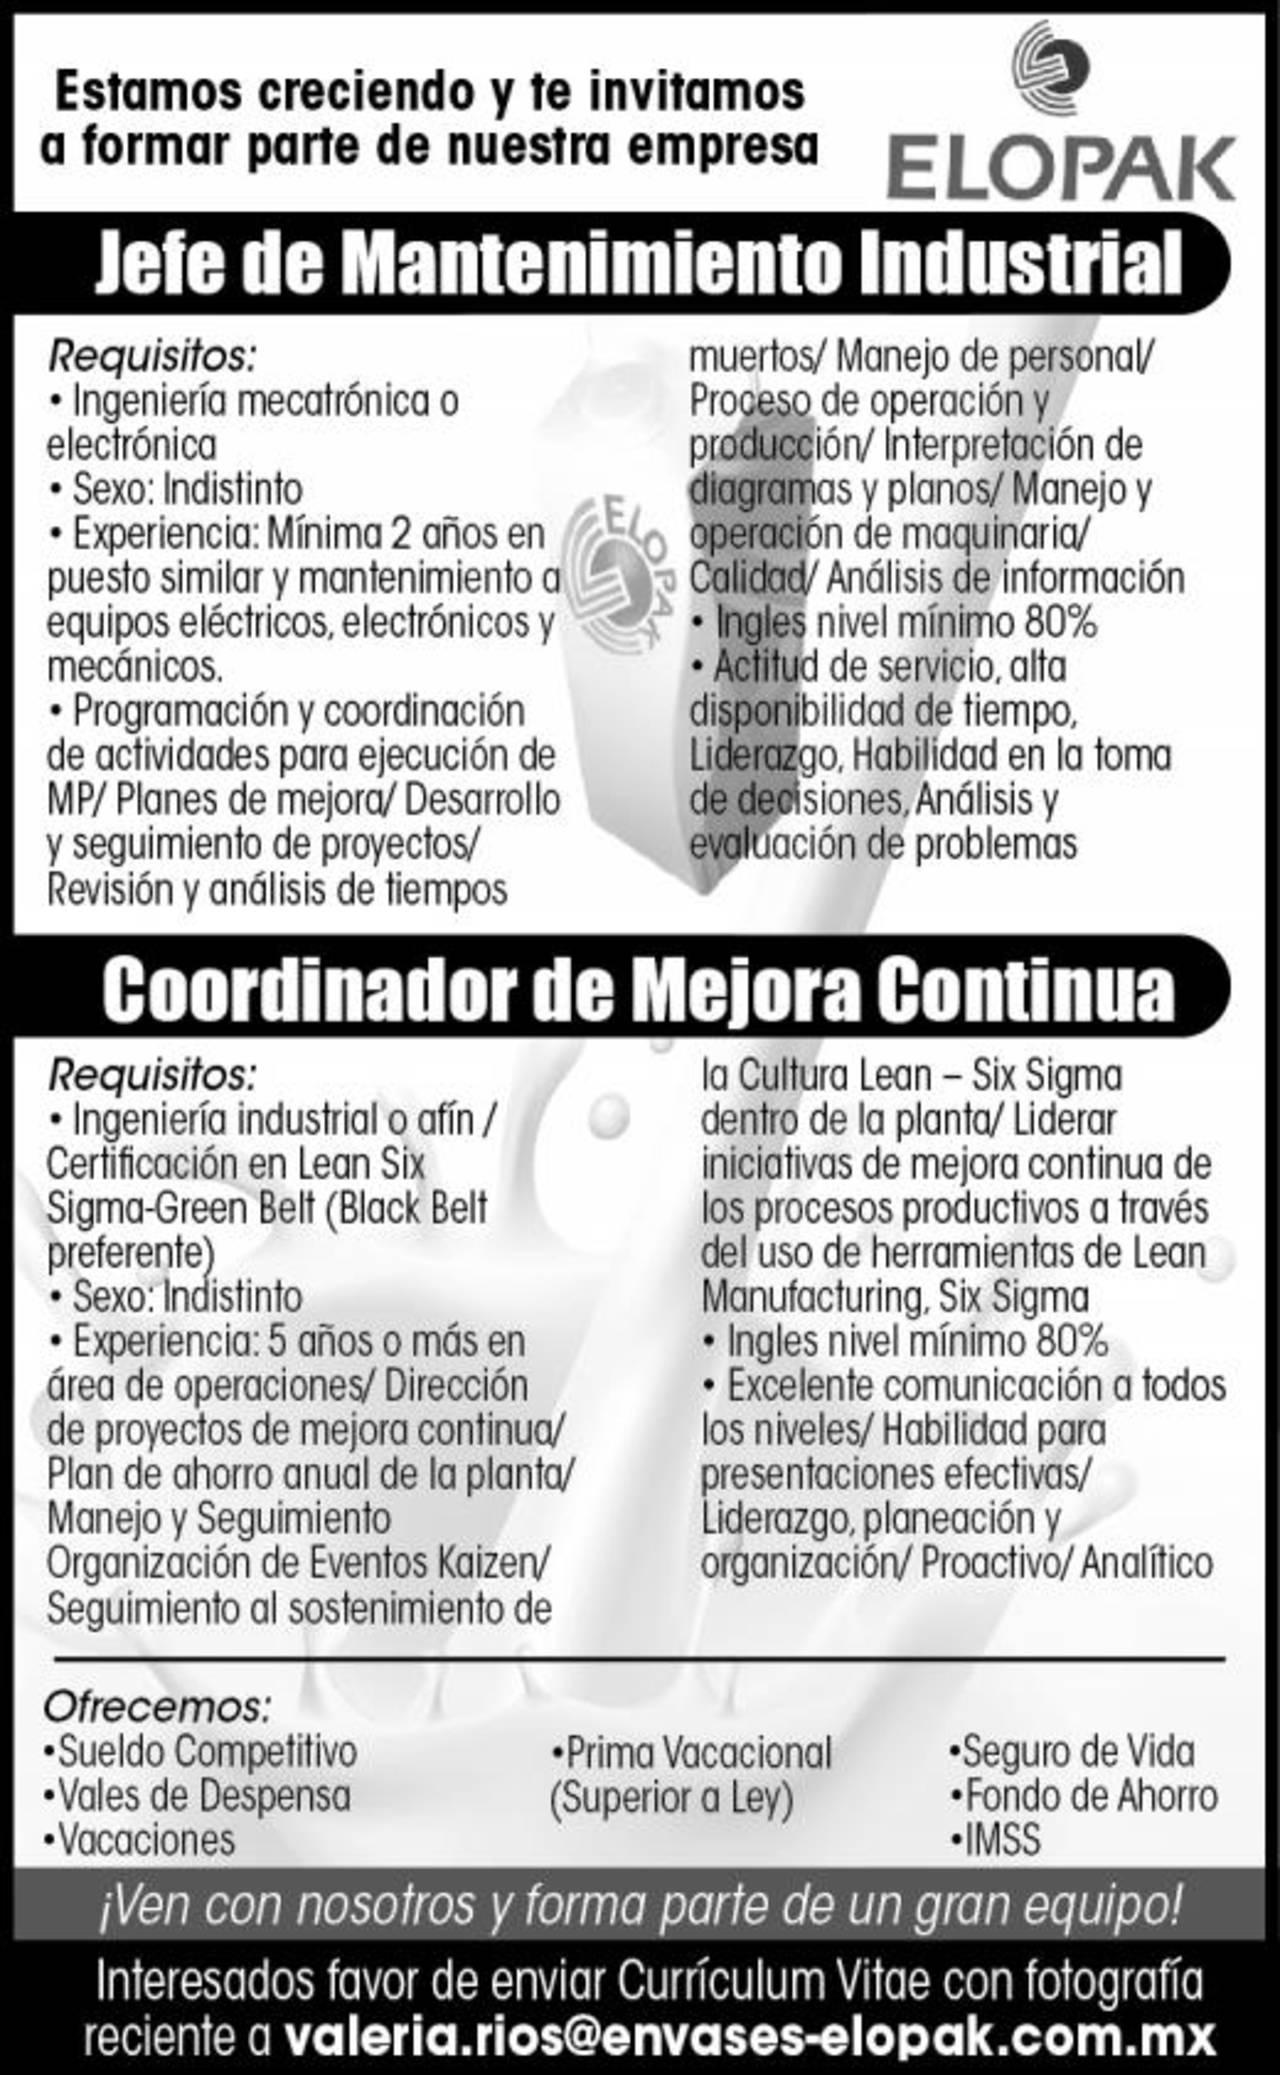 EMPLEO: ELOPAK SOLICITA - Torreón desplegados El Siglo